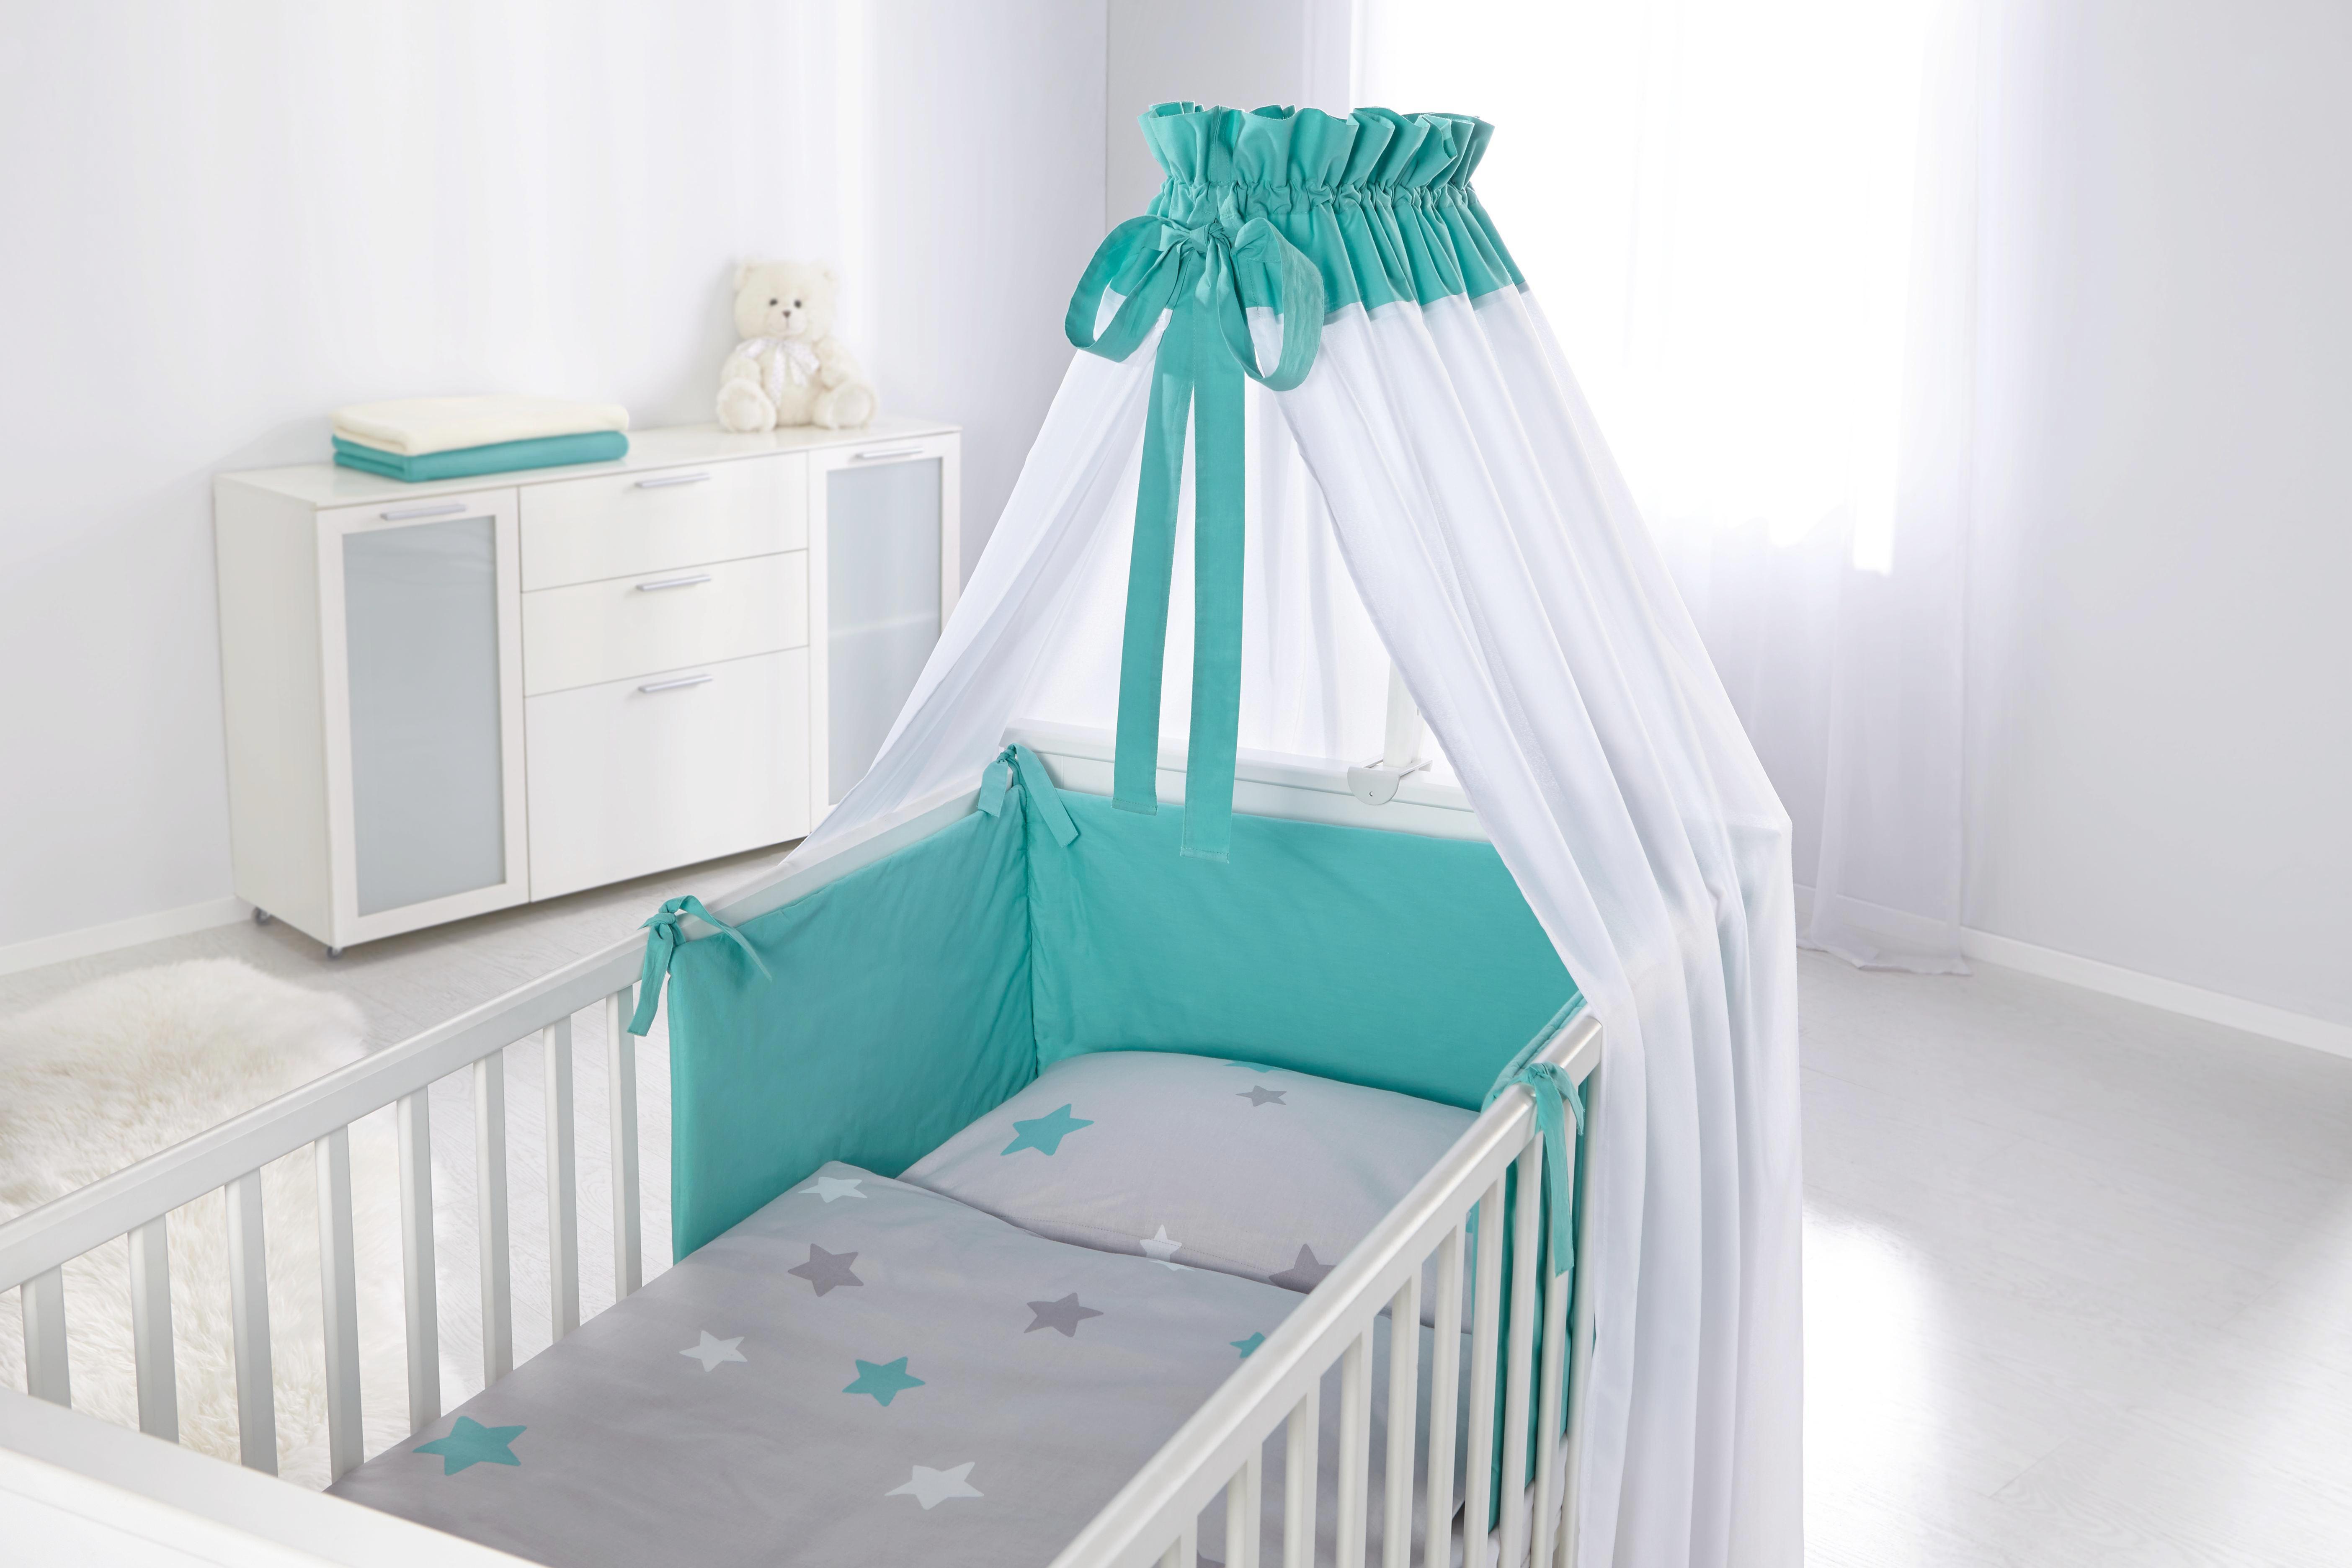 welche farben passen zu trkis welche farben passen ins. Black Bedroom Furniture Sets. Home Design Ideas